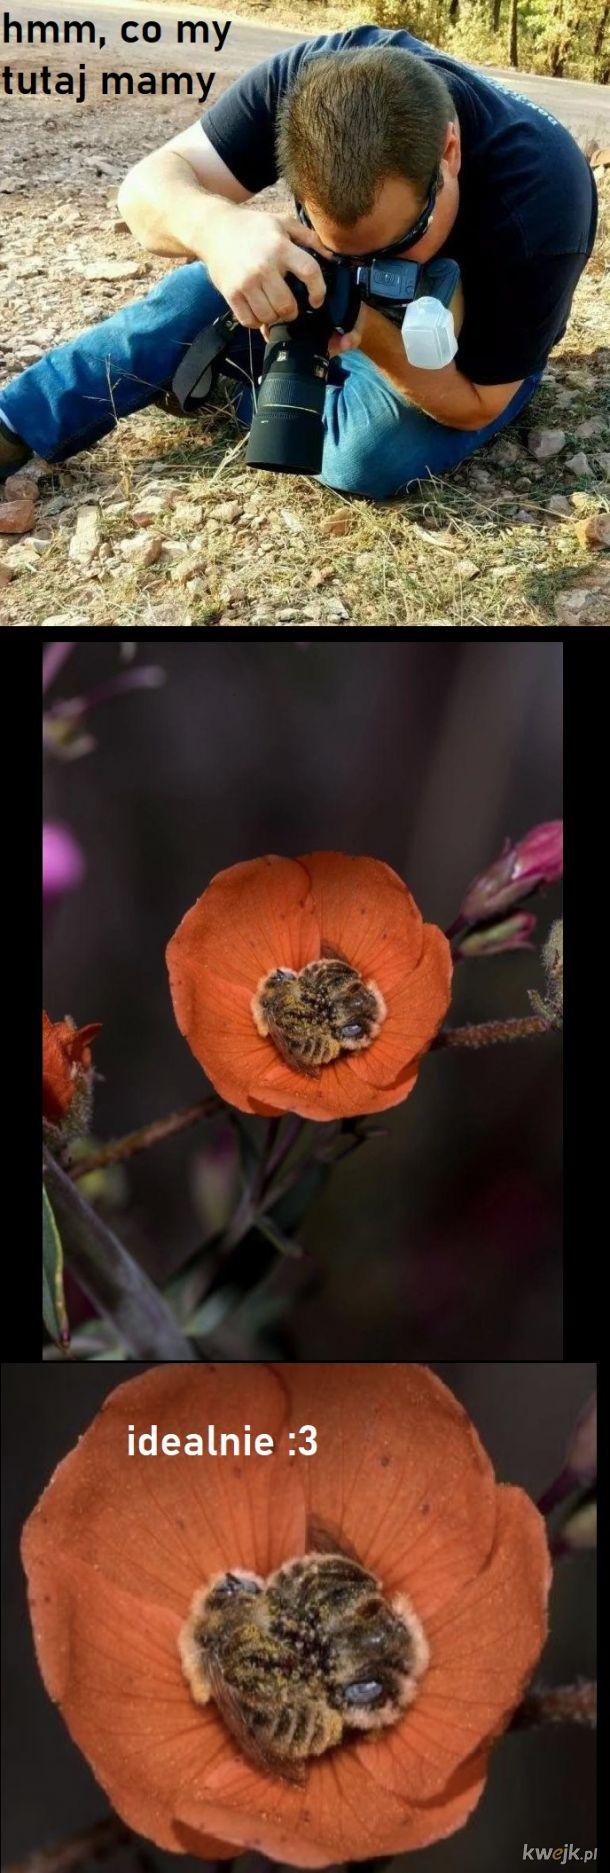 Pszczółki są słodkie